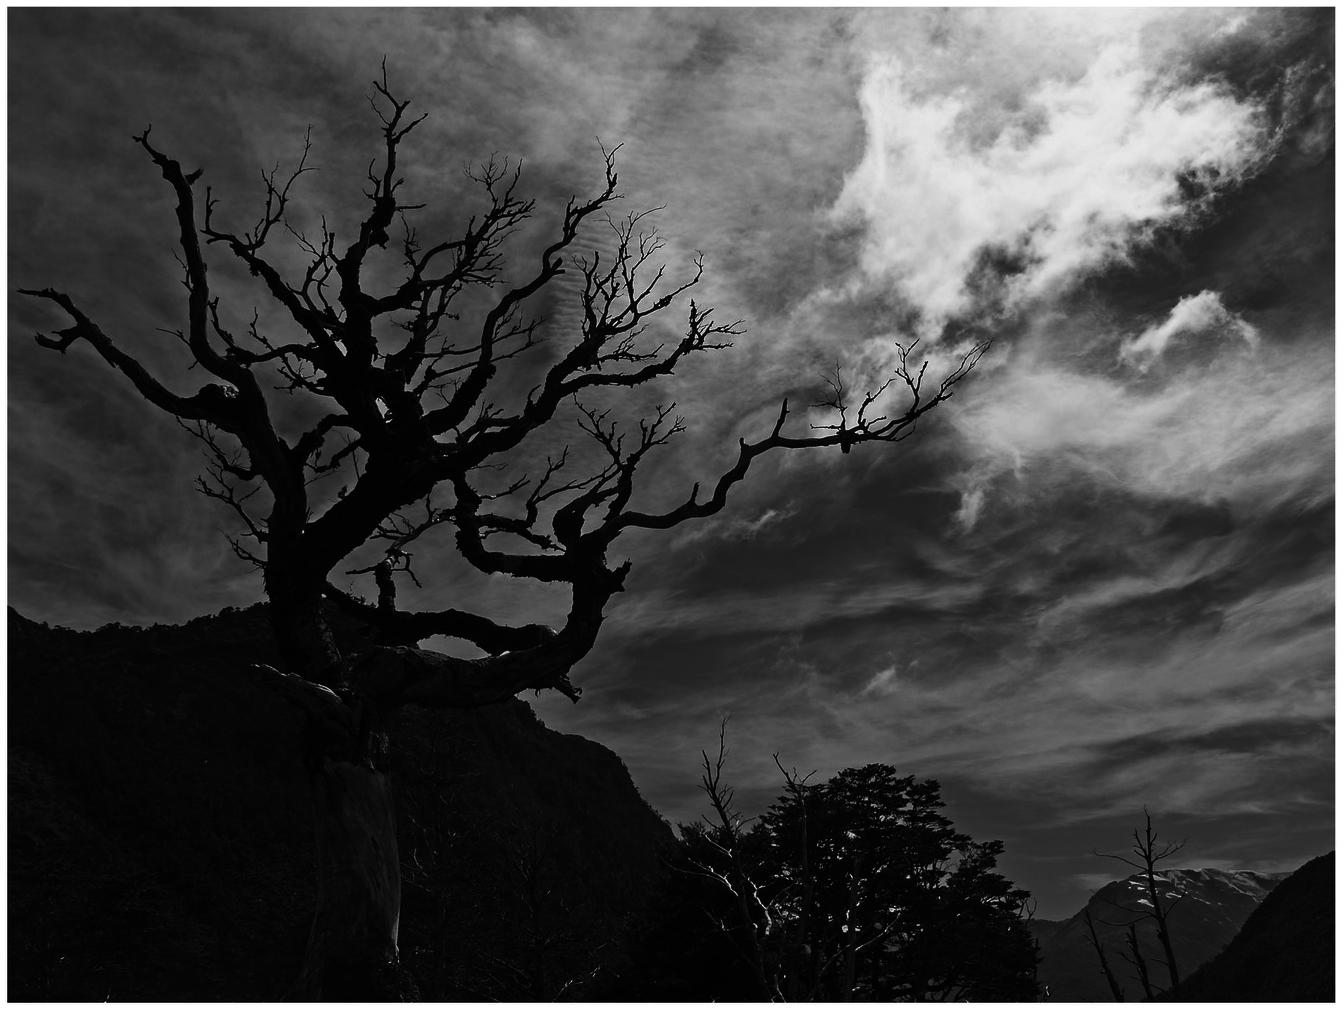 Baum in der Landschaft ...